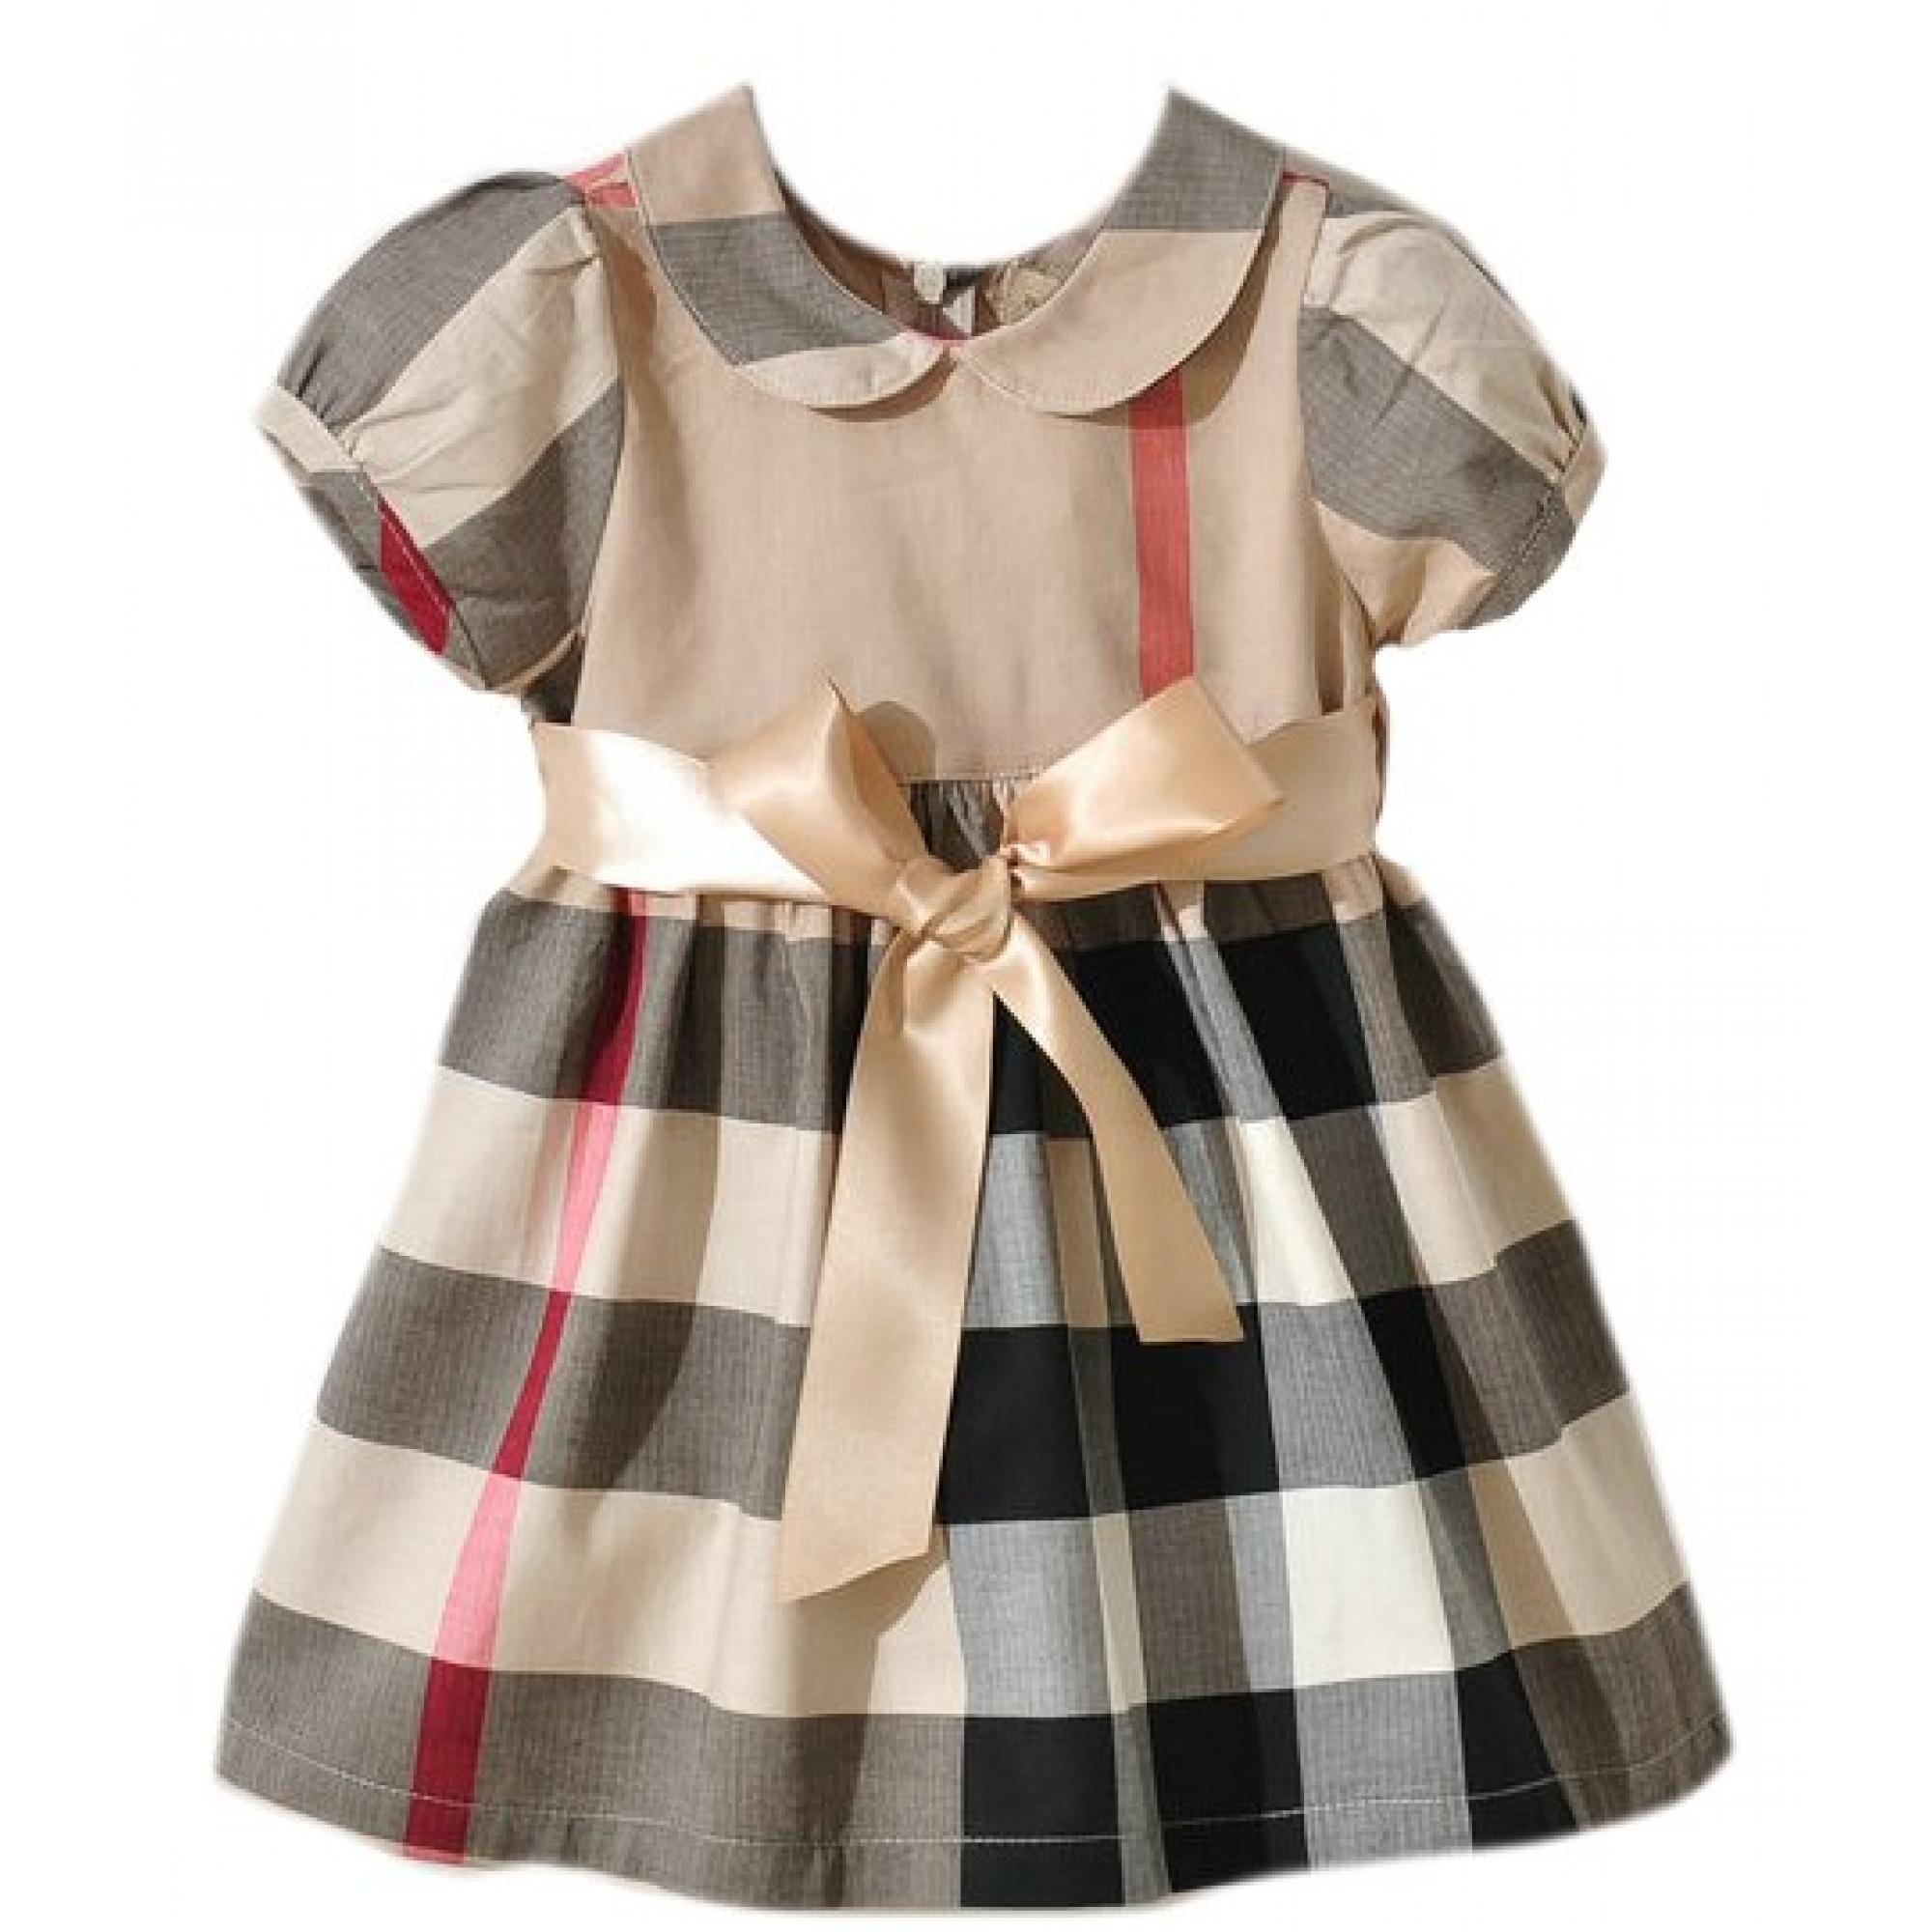 Купить детское платье Burberry в бежевую клетку — в Киеве, код ... e03641a2321